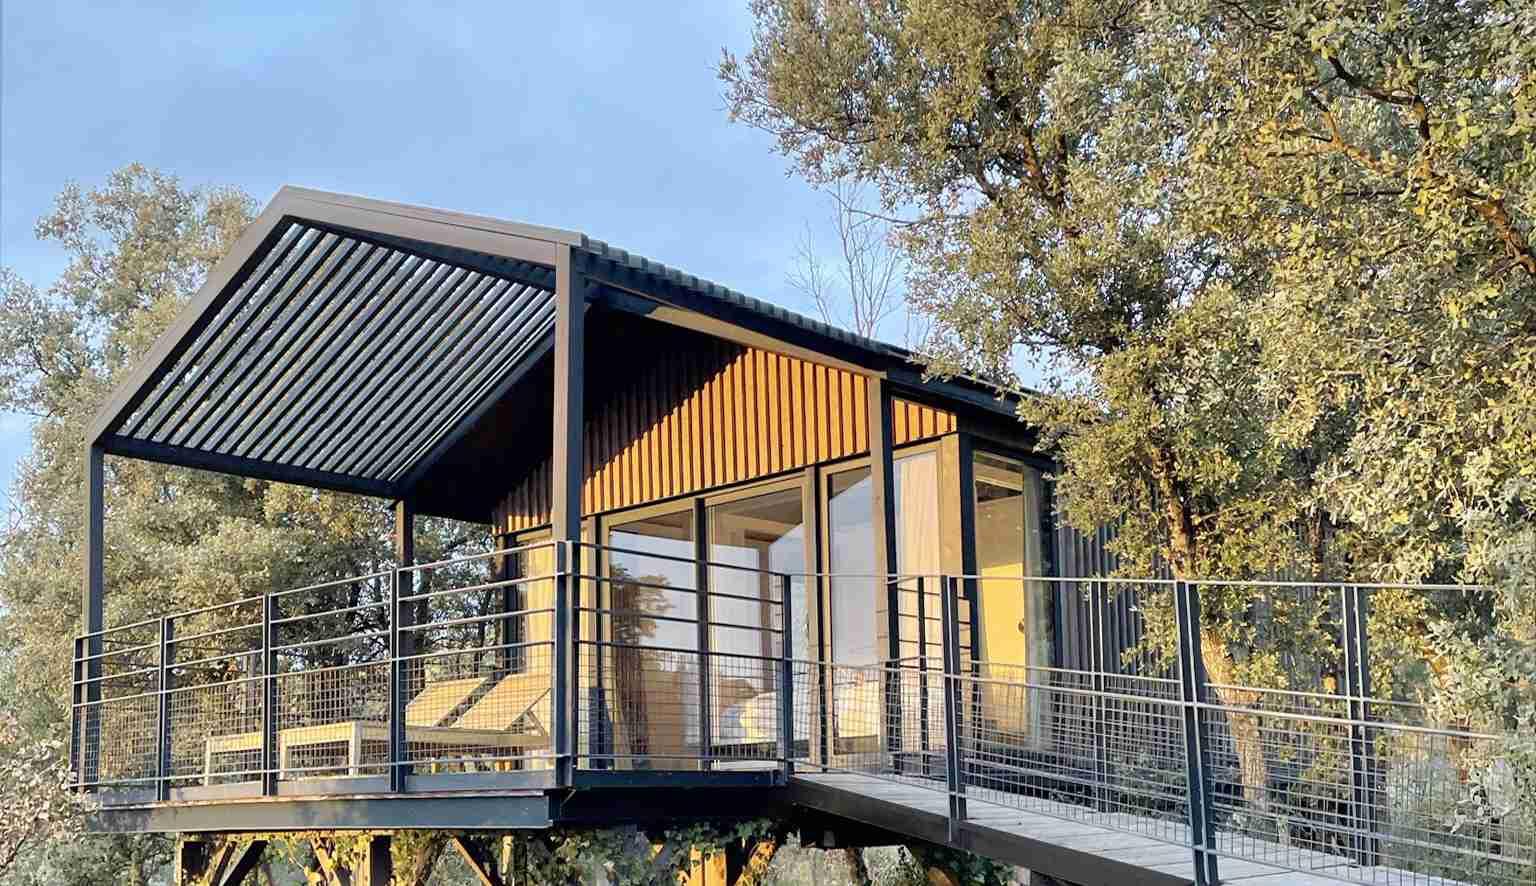 Cabane sur pilotis, studio de jardin design dessiné par des architectes.